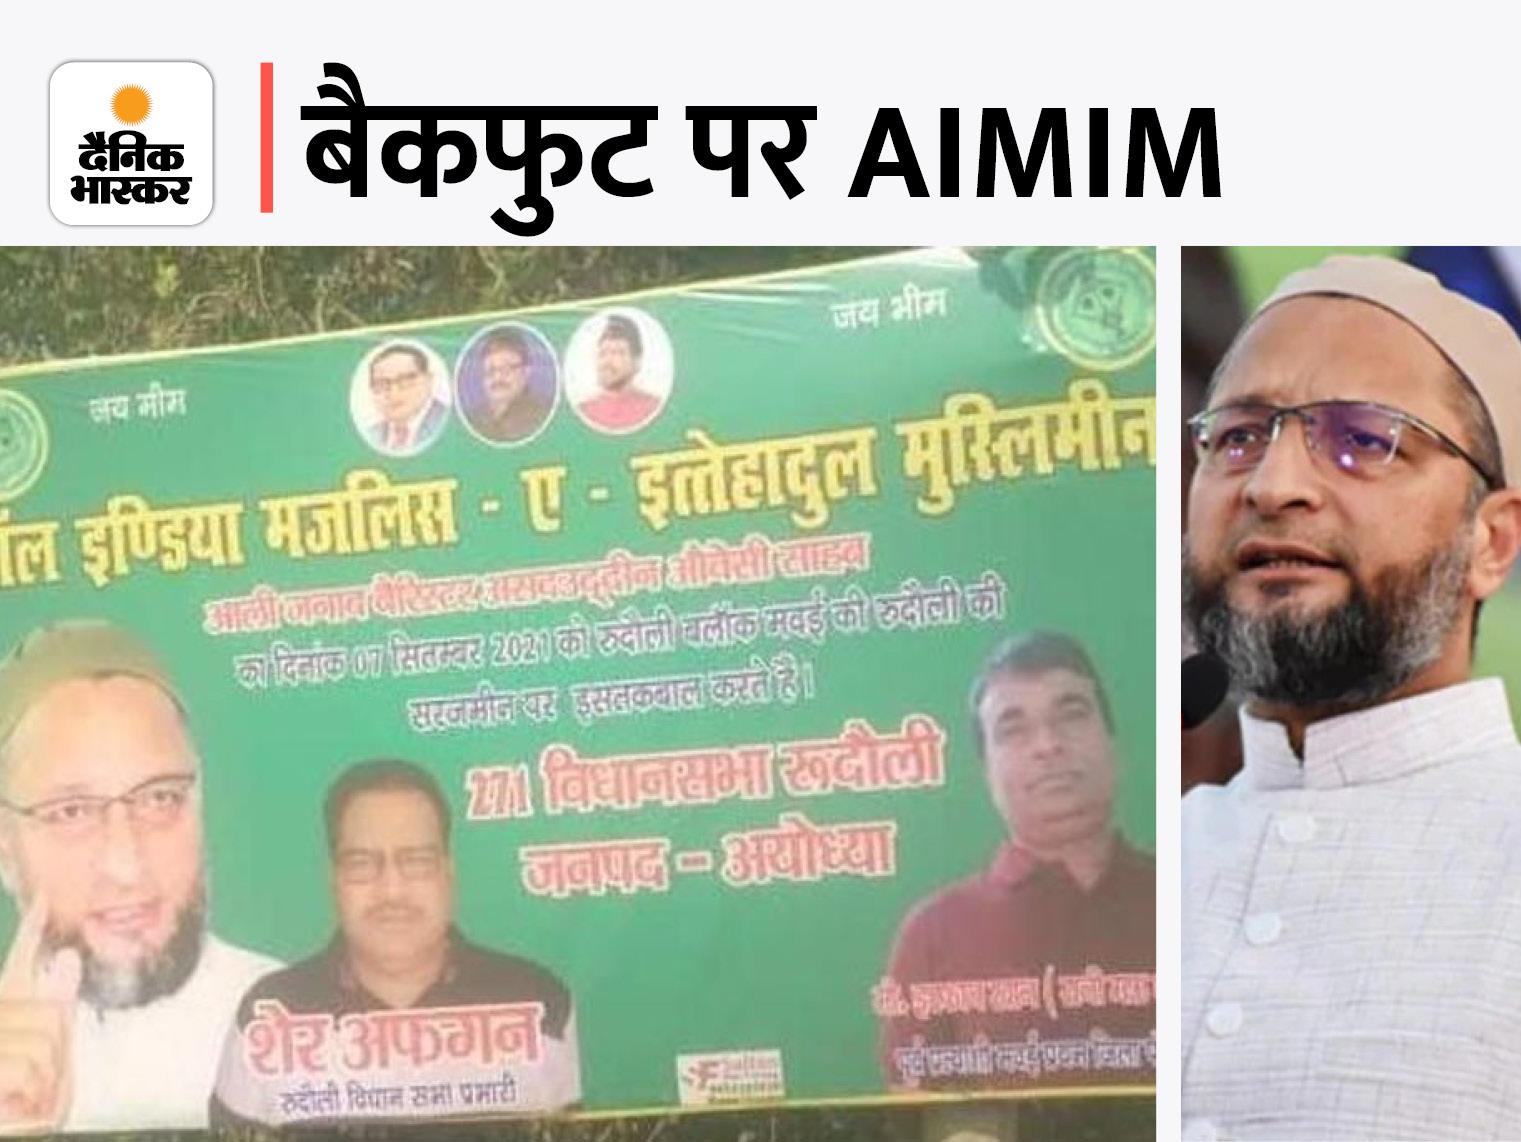 ओवैसी की सभा के लिए पोस्टर-बैनर में अयोध्या की जगह फैजाबाद लिखा गया था, अब वापस अयोध्या लिखा; जगद्गुरु ने जताया था विरोध|अयोध्या (फैजाबाद),Ayodhya (Faizabad) - Dainik Bhaskar